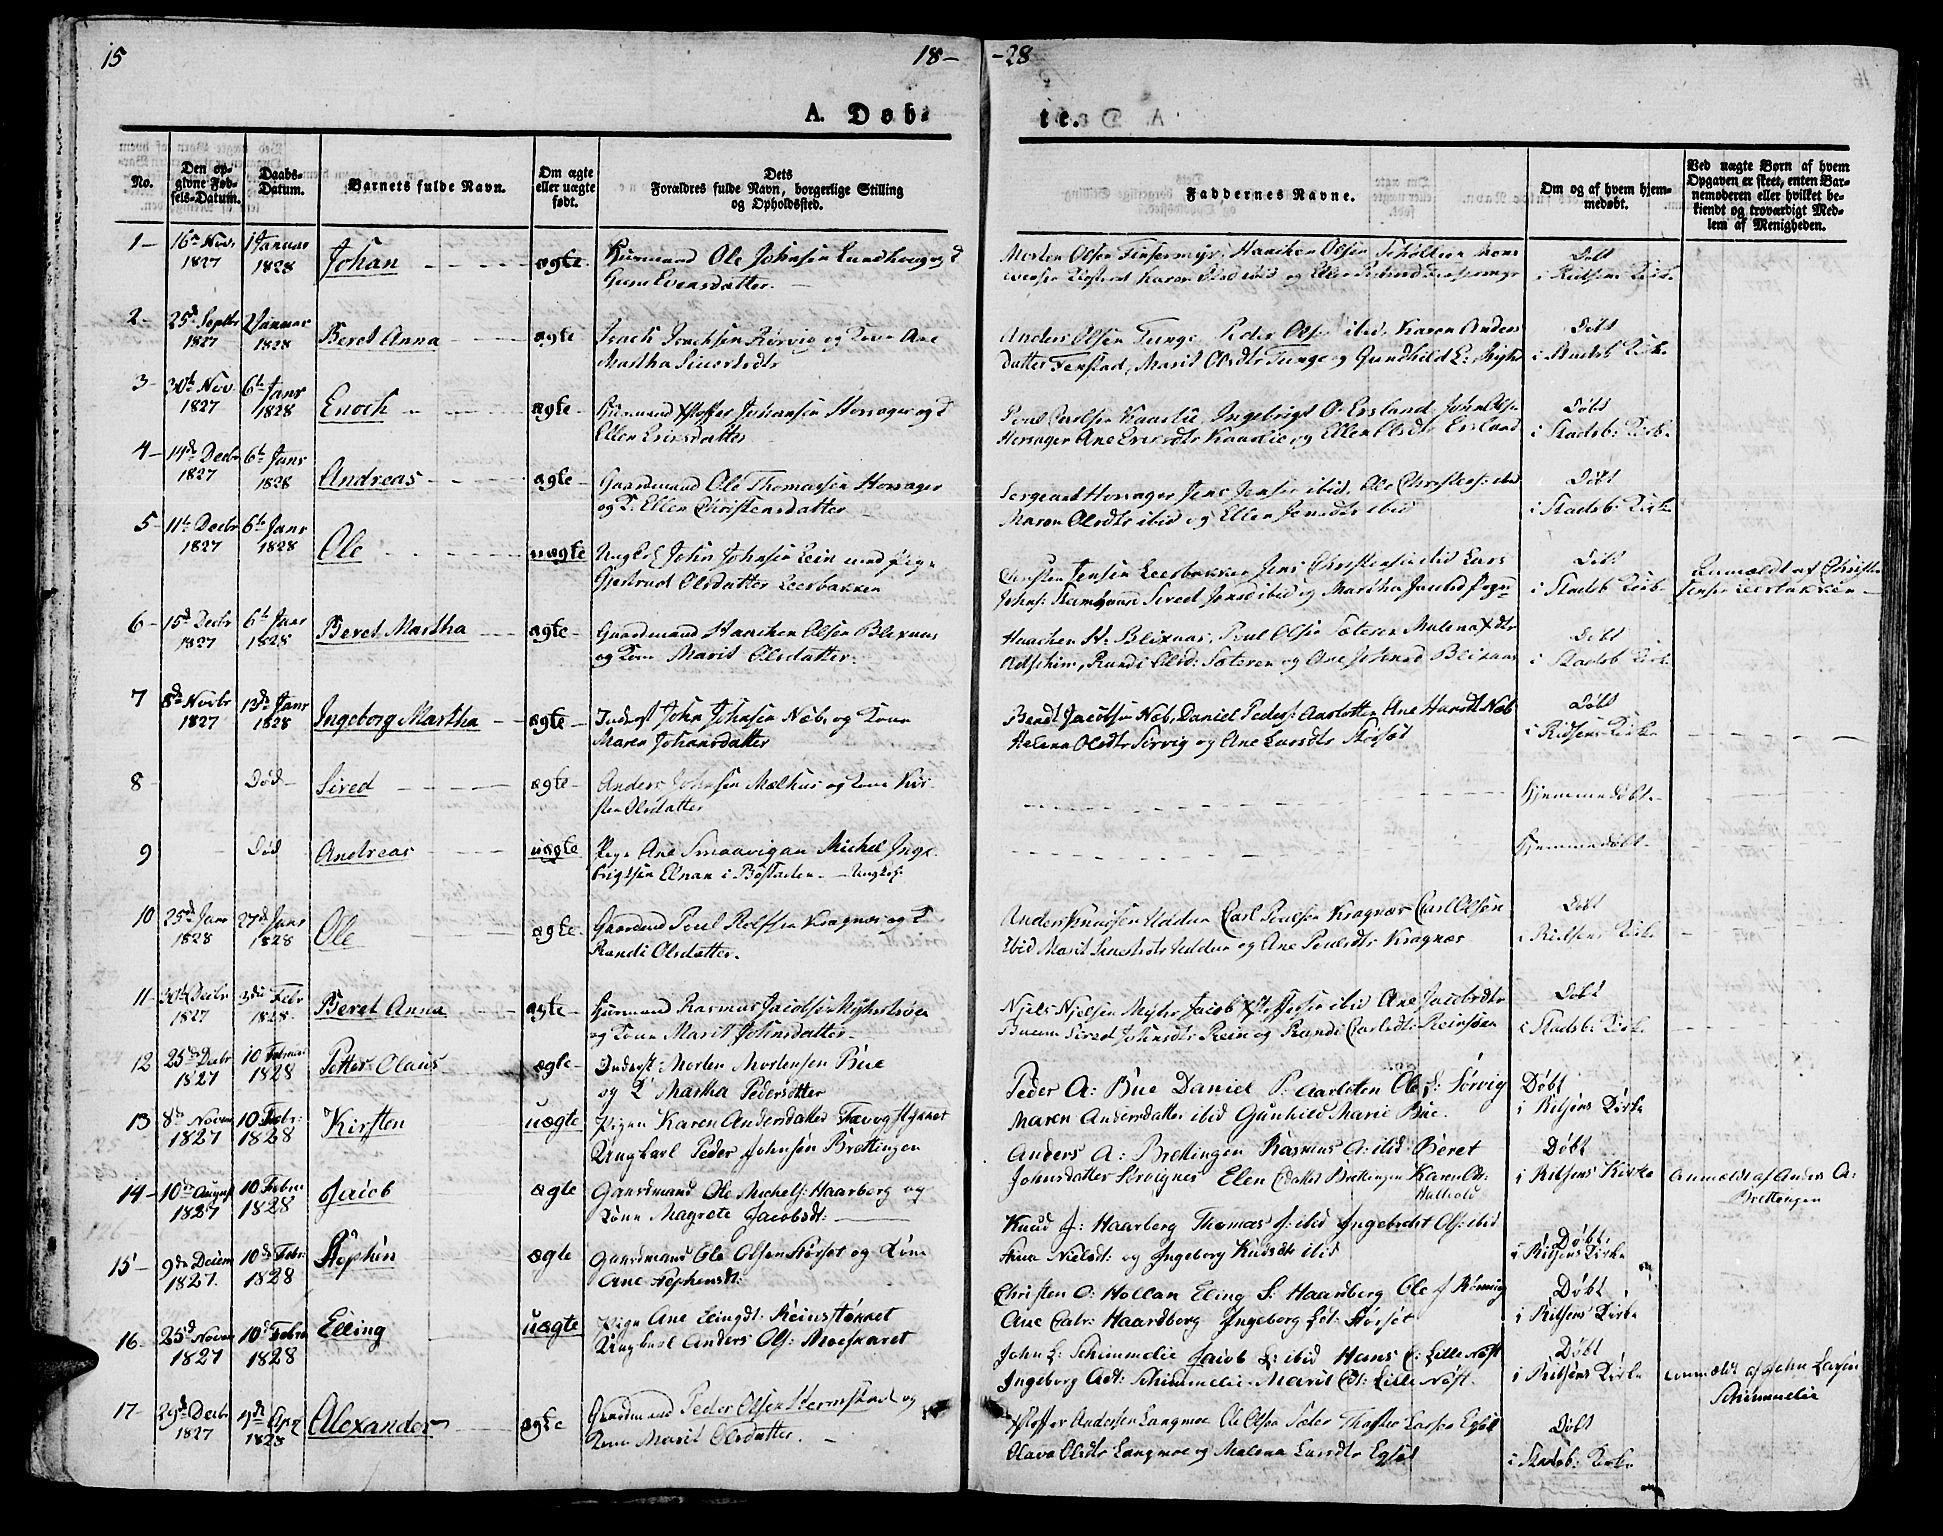 SAT, Ministerialprotokoller, klokkerbøker og fødselsregistre - Sør-Trøndelag, 646/L0609: Ministerialbok nr. 646A07, 1826-1838, s. 15